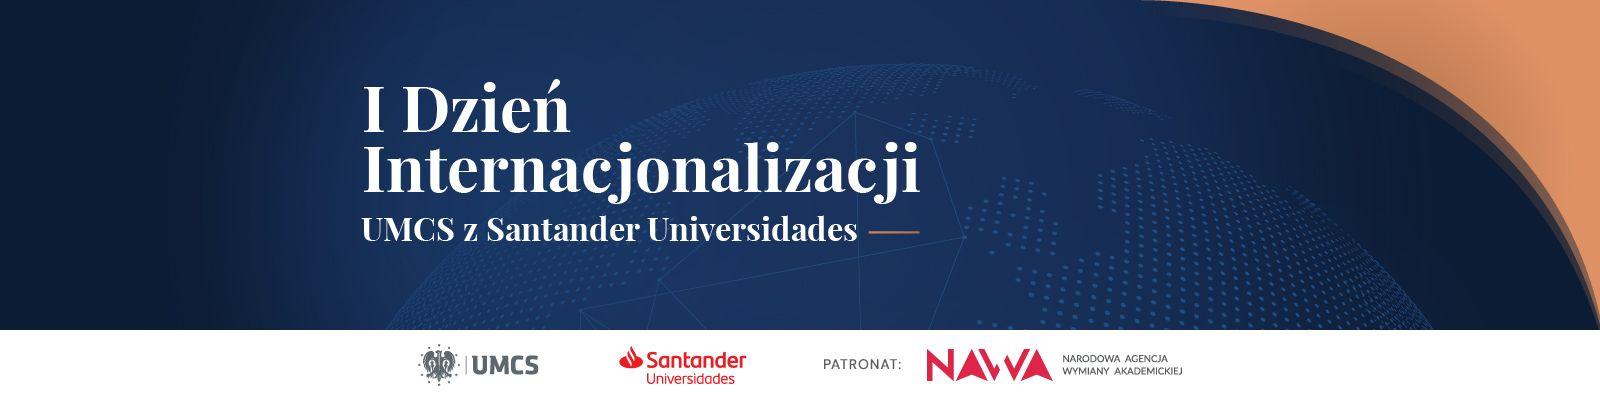 Dzień Internacjonalizacji UMCS z Santander Universidades